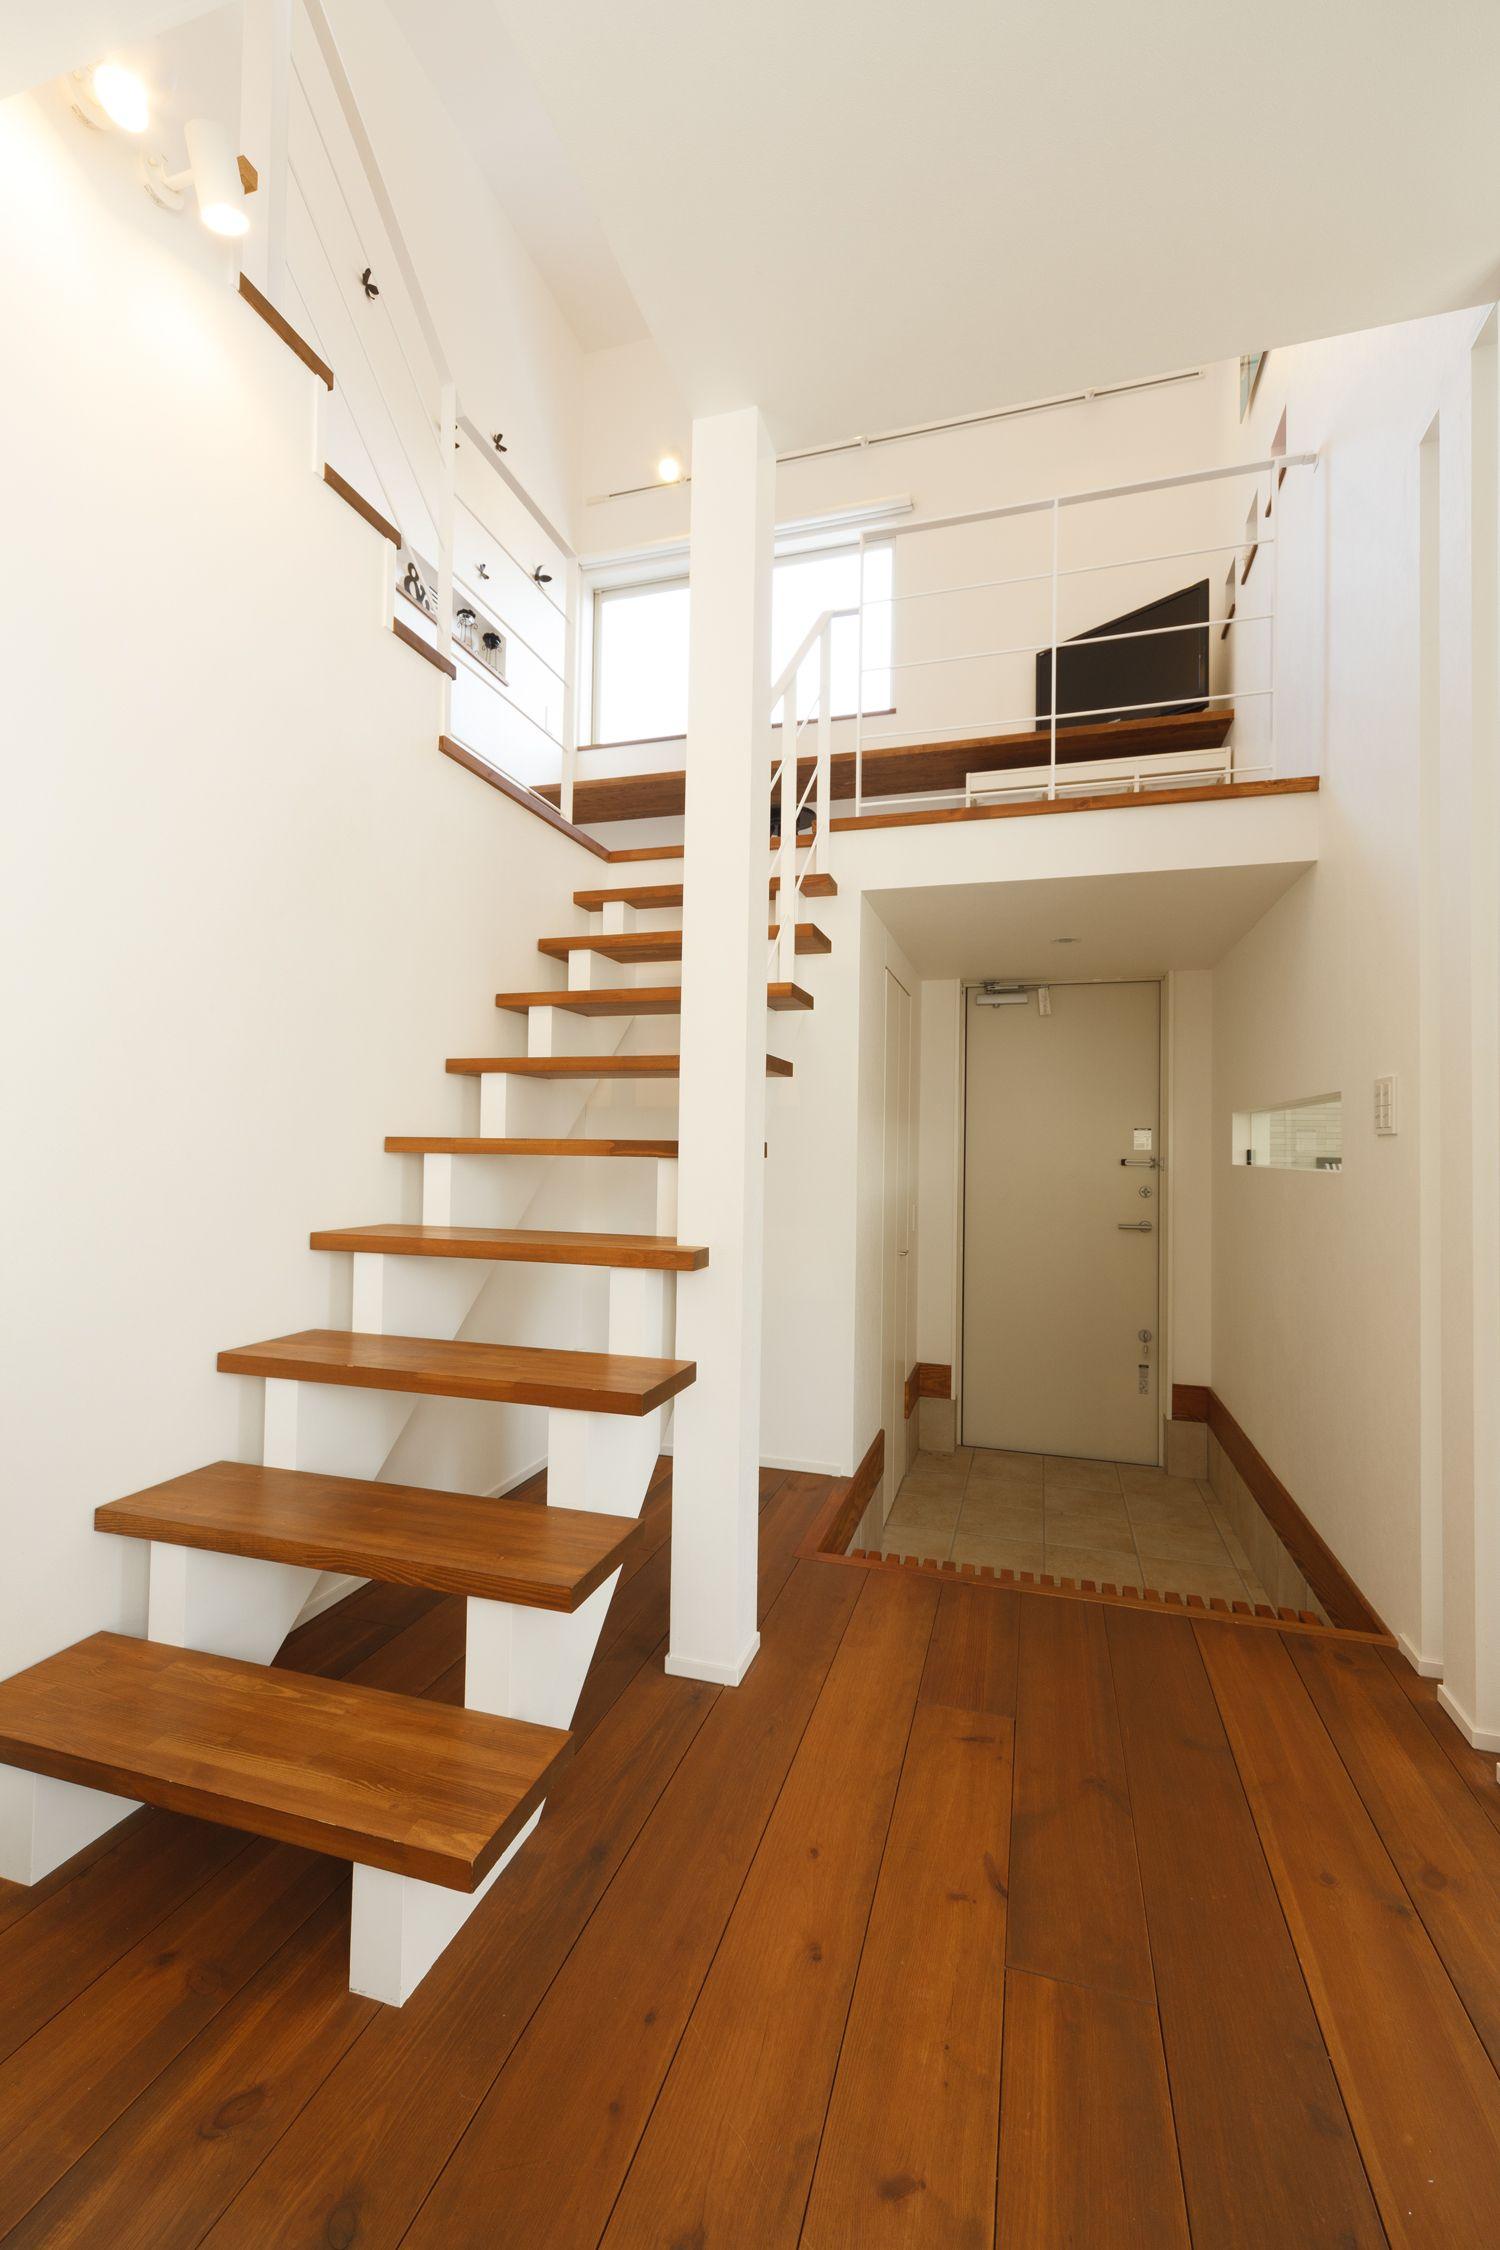 玄関スペースの上部には中二階をプランニング 空間に無駄がありません 中二階 スキップフロア 玄関 エントランス ストリップ階段 シースルー階段 段板 無垢フローリング リクシル 鉄骨手摺 アイアン手摺 柱 デザイン インテリア シンプル ホワイト